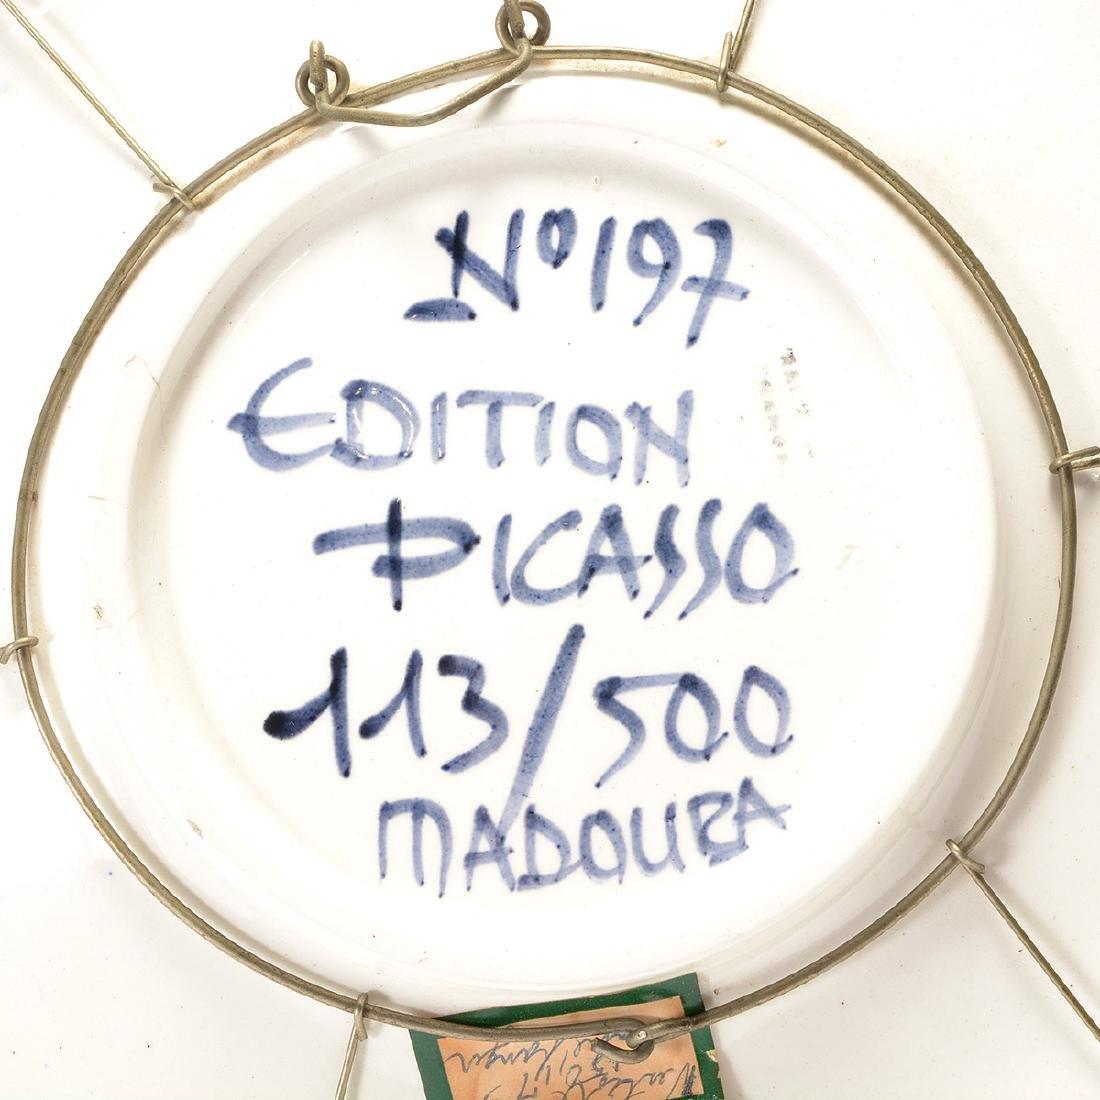 Pablo Picasso, Face No. 197, Madoura 115/300 - 5